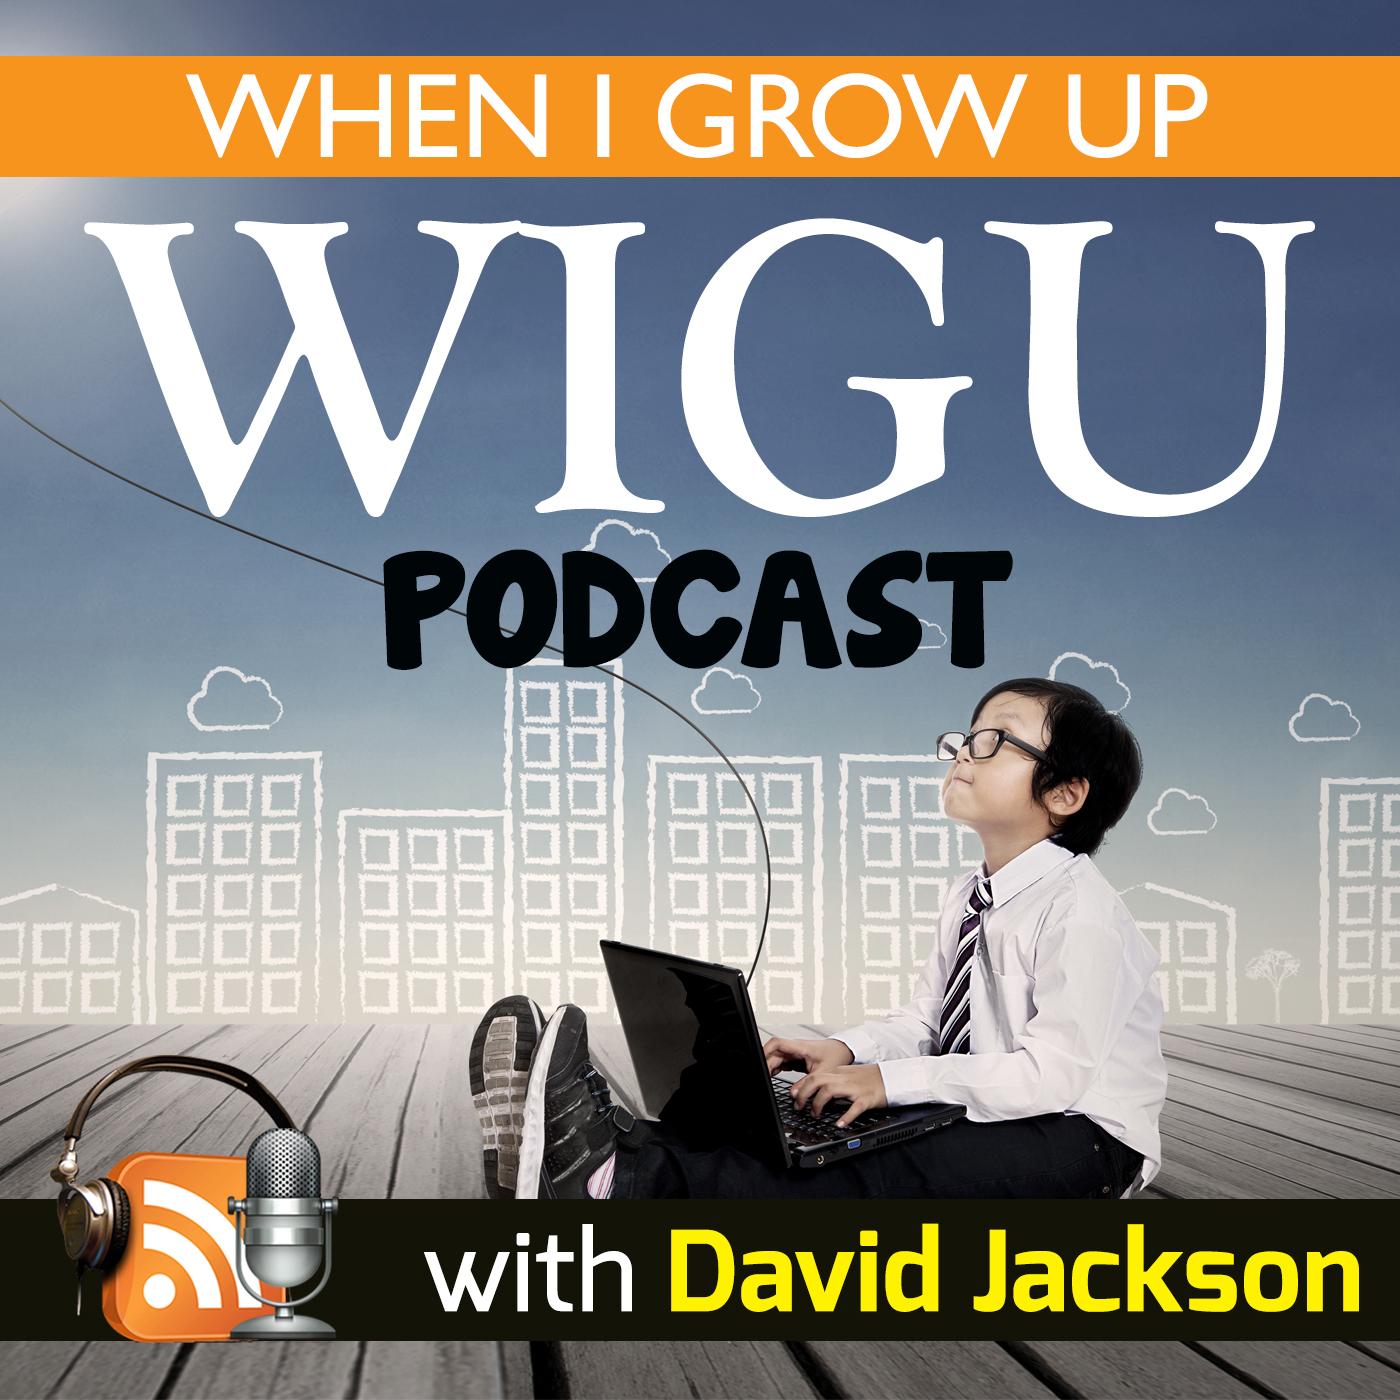 WIGU Podcast